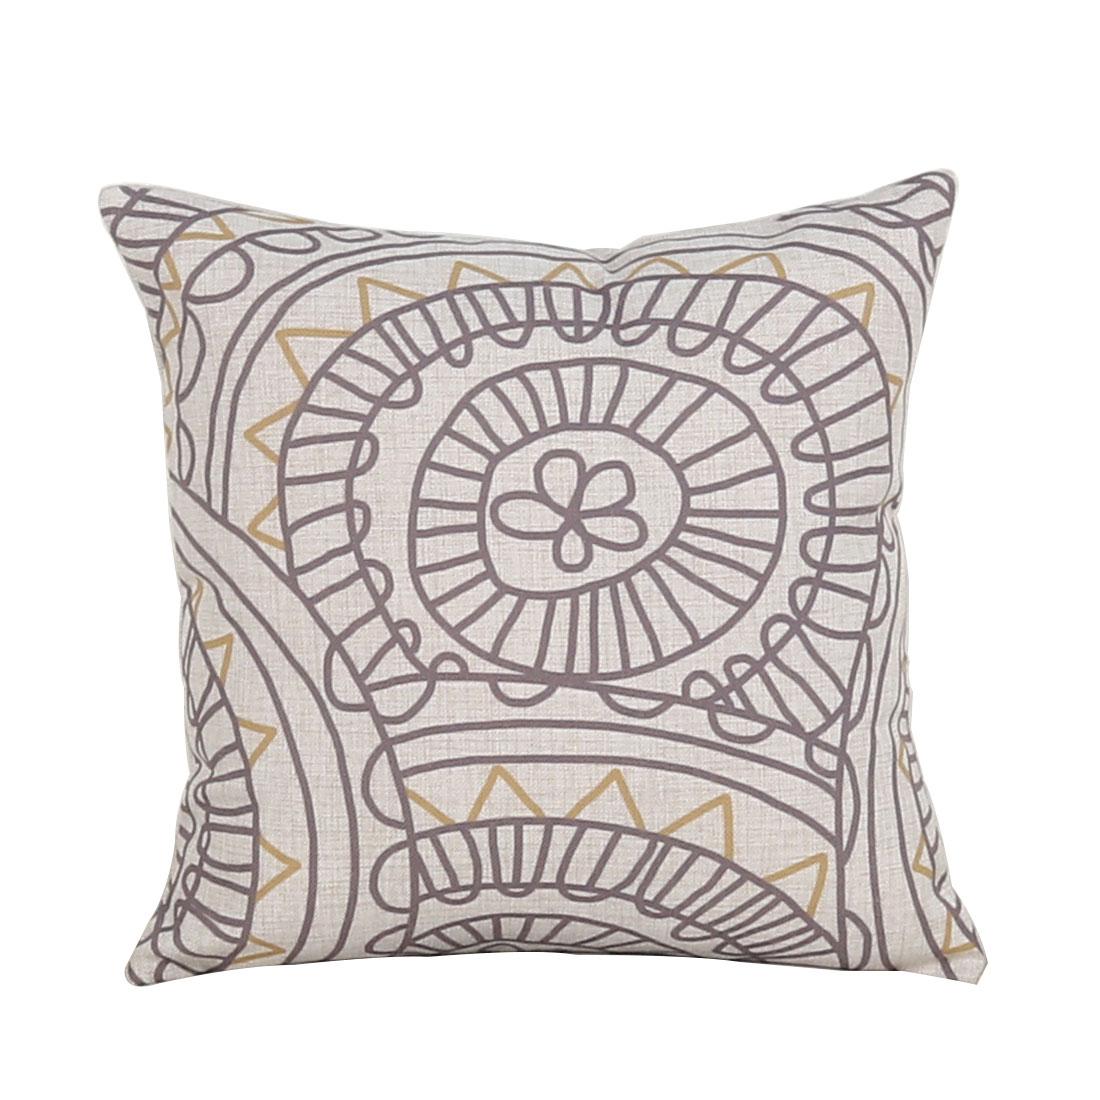 Sofa Cotton Linen Geometric Pattern Square Design Retro Style Pillow Cover Decor